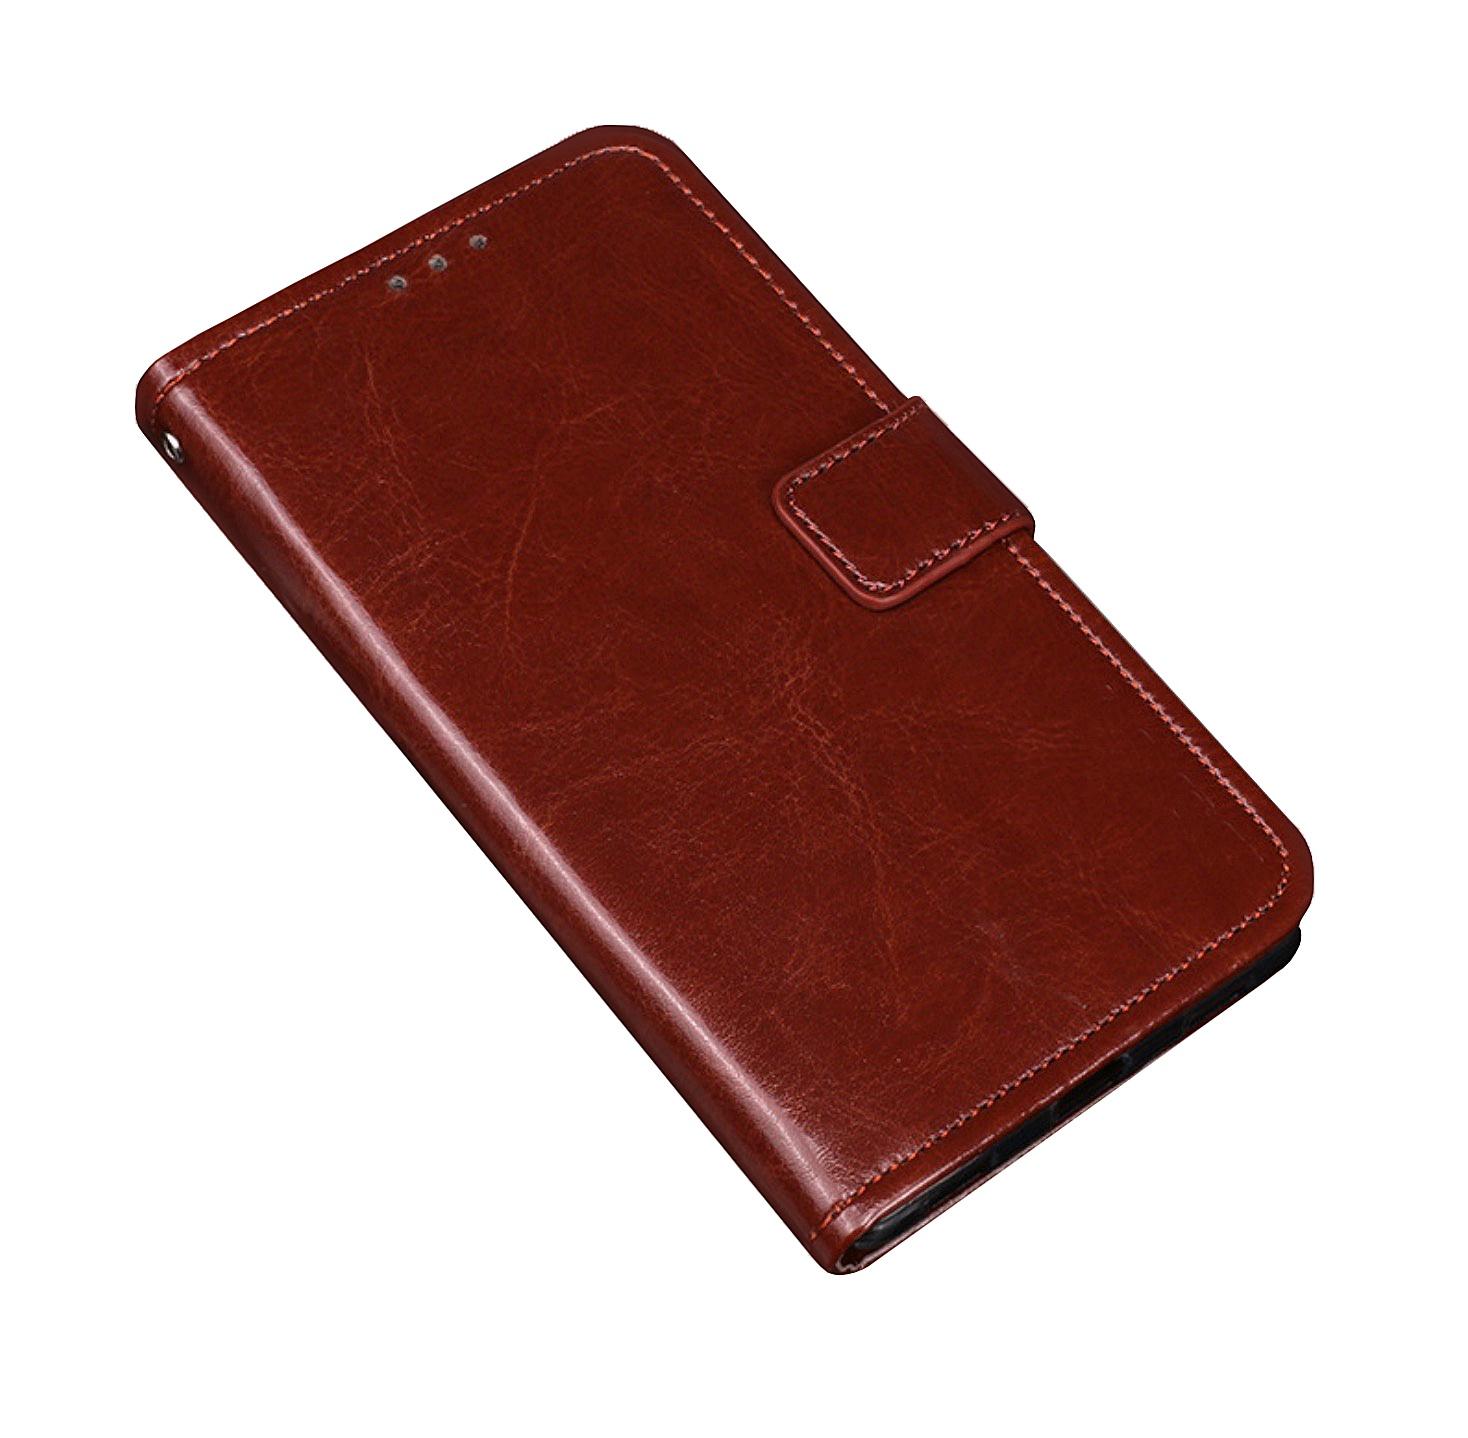 купить Чехол-книжка MyPads для ZTE Nubia Z17 mini 5.2 (NX569J/H) с мульти-подставкой застёжкой и визитницей коричневый онлайн